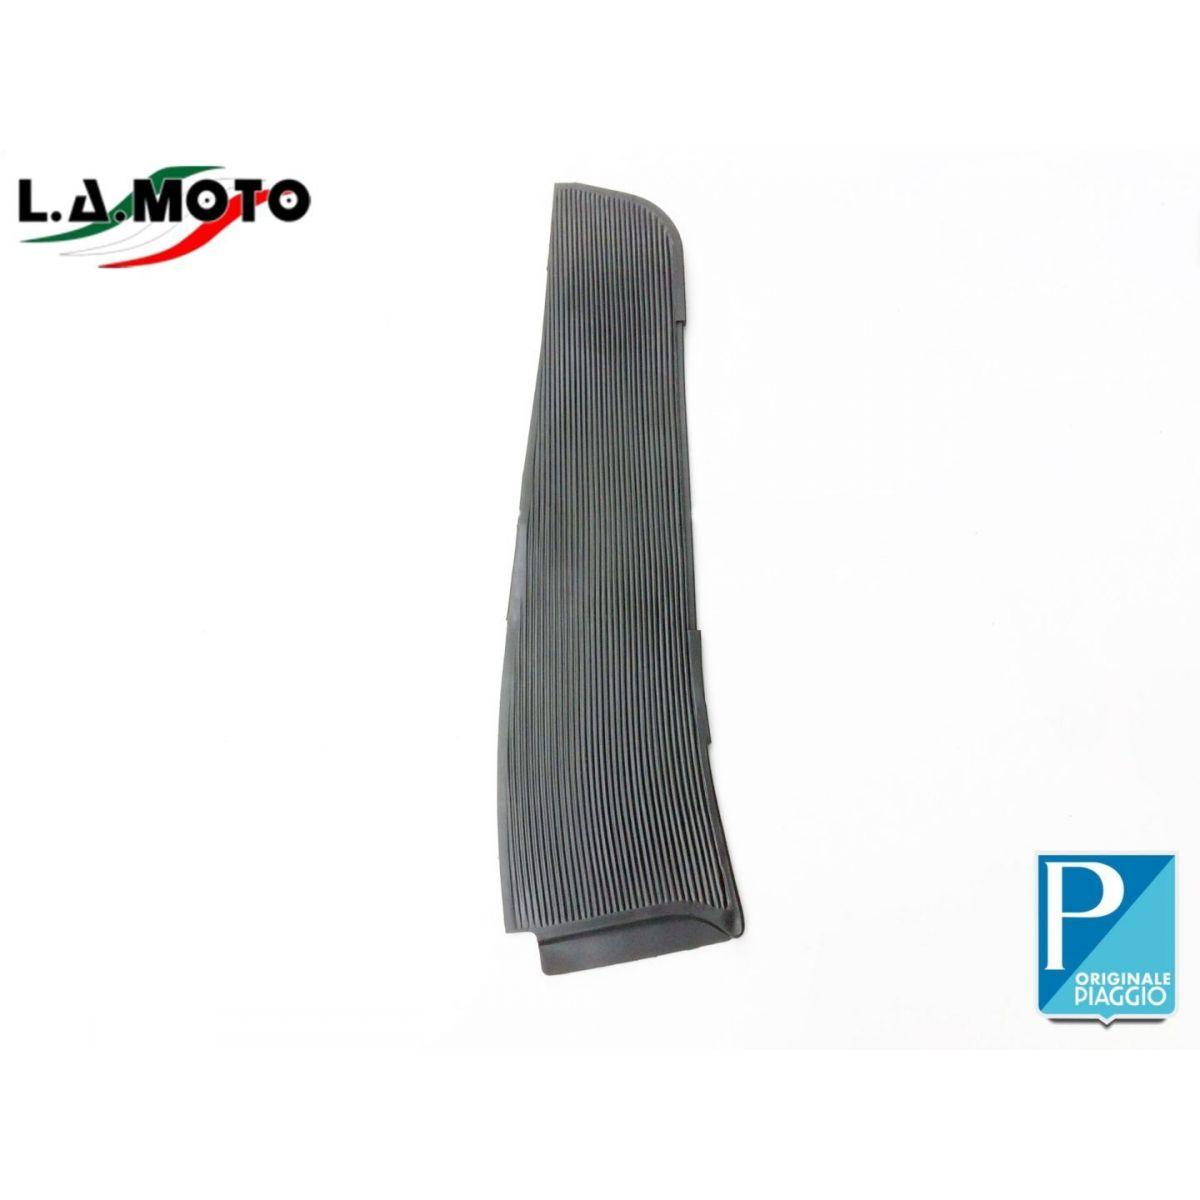 TAPPETINO SINISTRO PER PIAGGIO VESPA PX T5 ORIGINALE PIAGGIO 226111